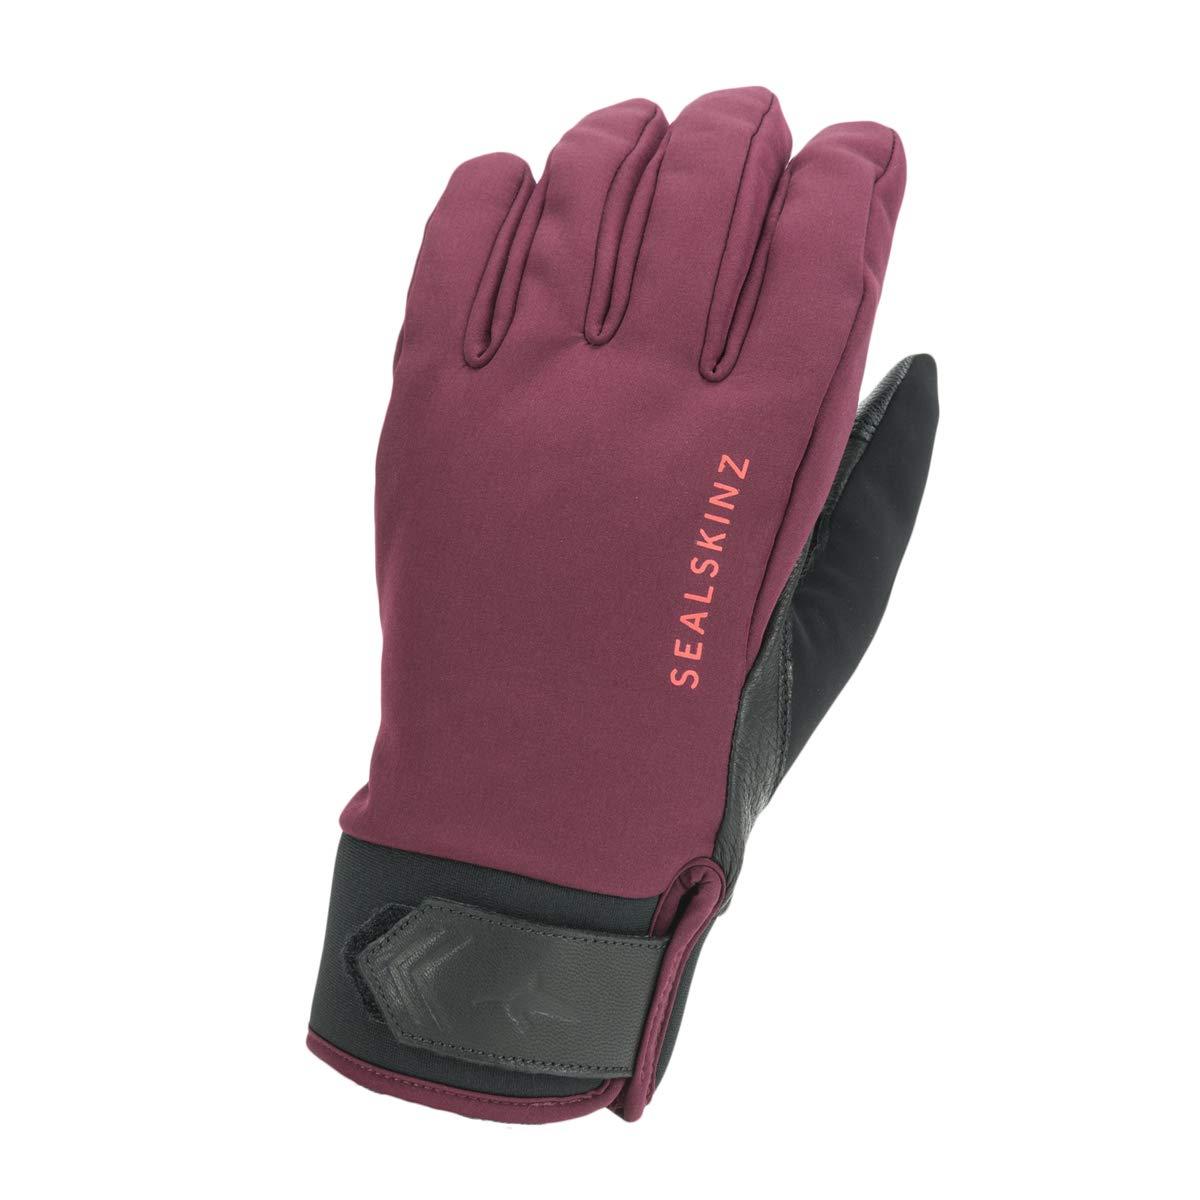 Sealskinz women all weather glove